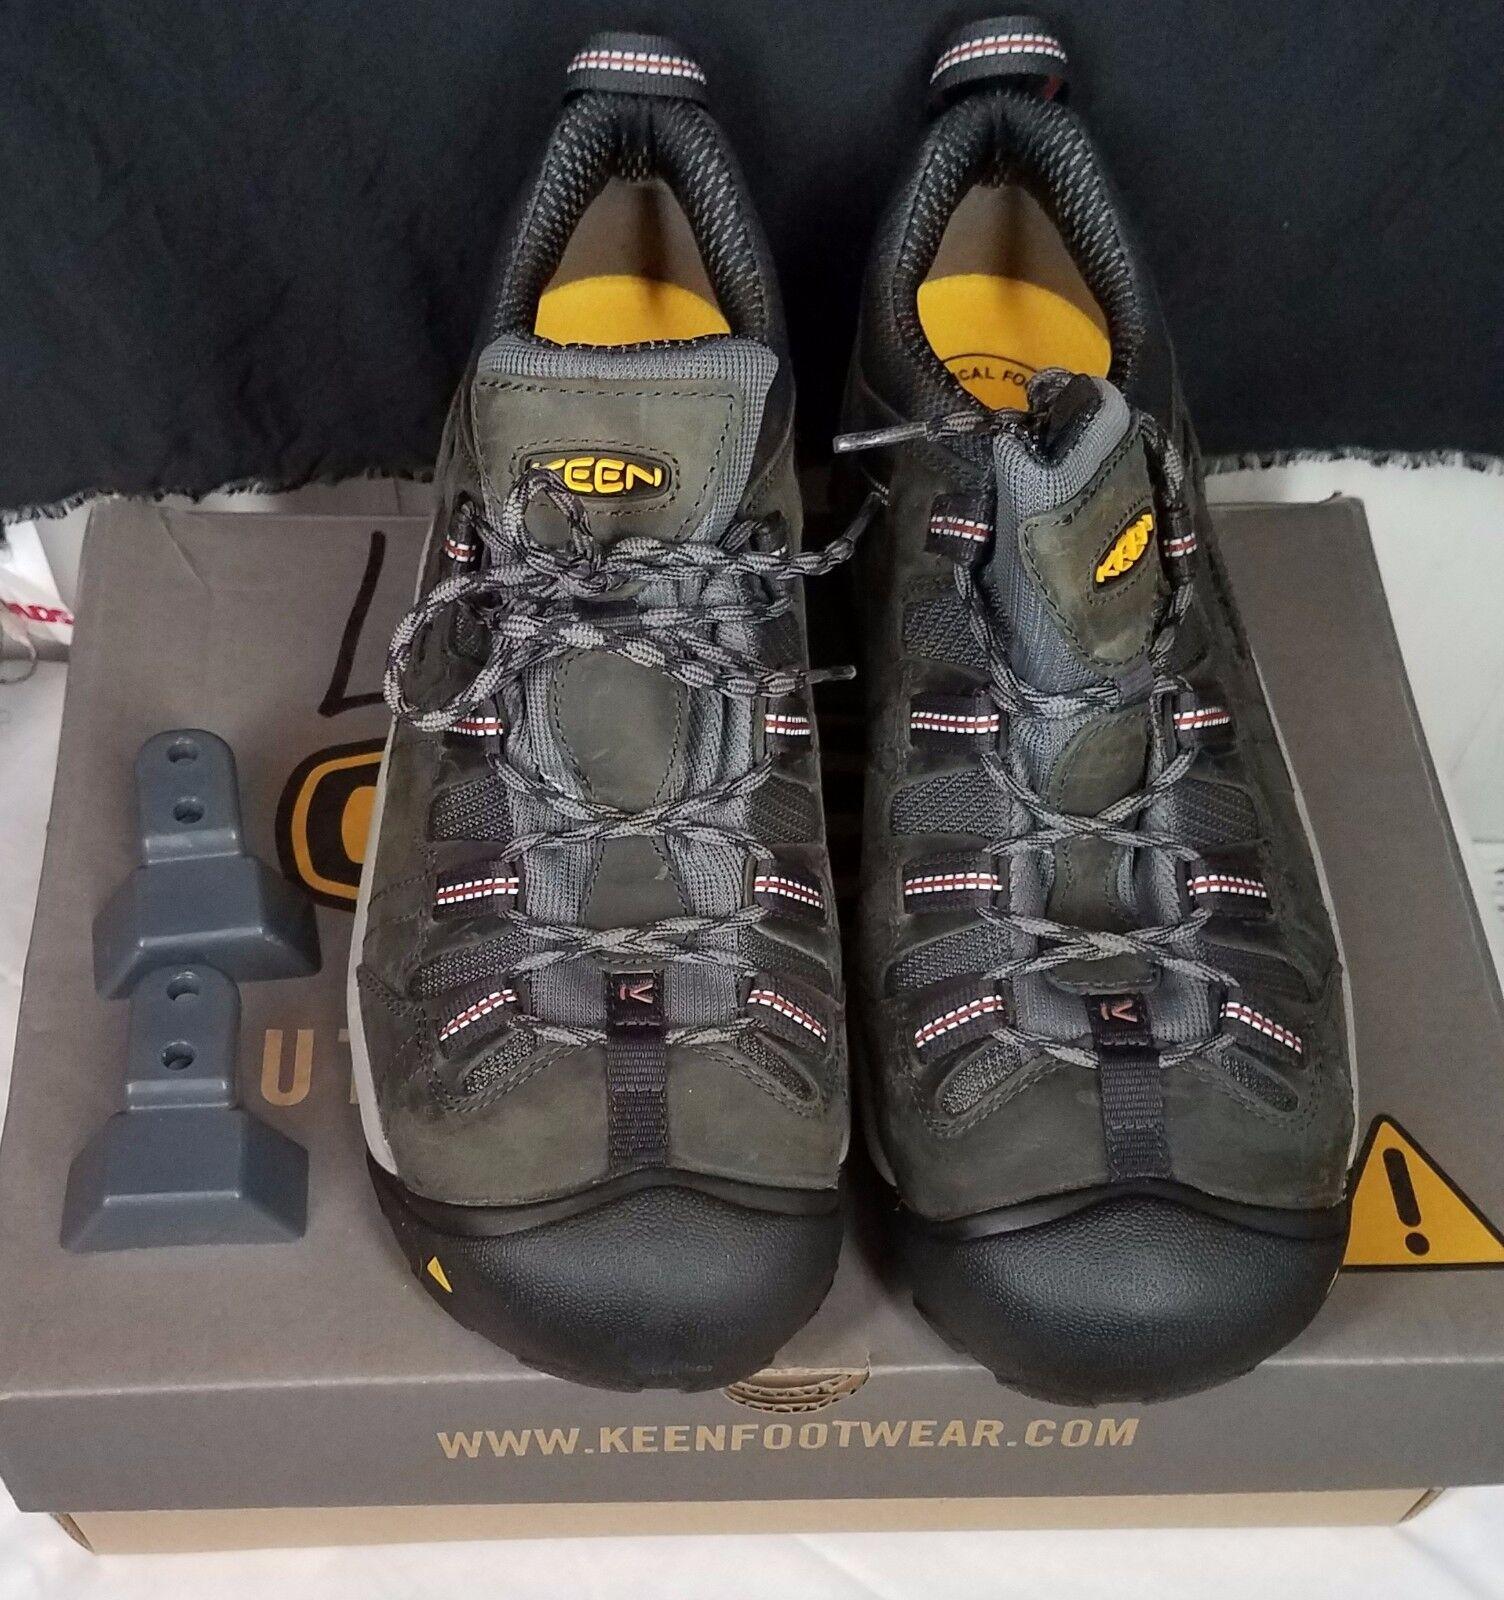 Scarpe casual da uomo  Keen Detroit Low Steel Toe Shoes uomos size 12 EE Wide green